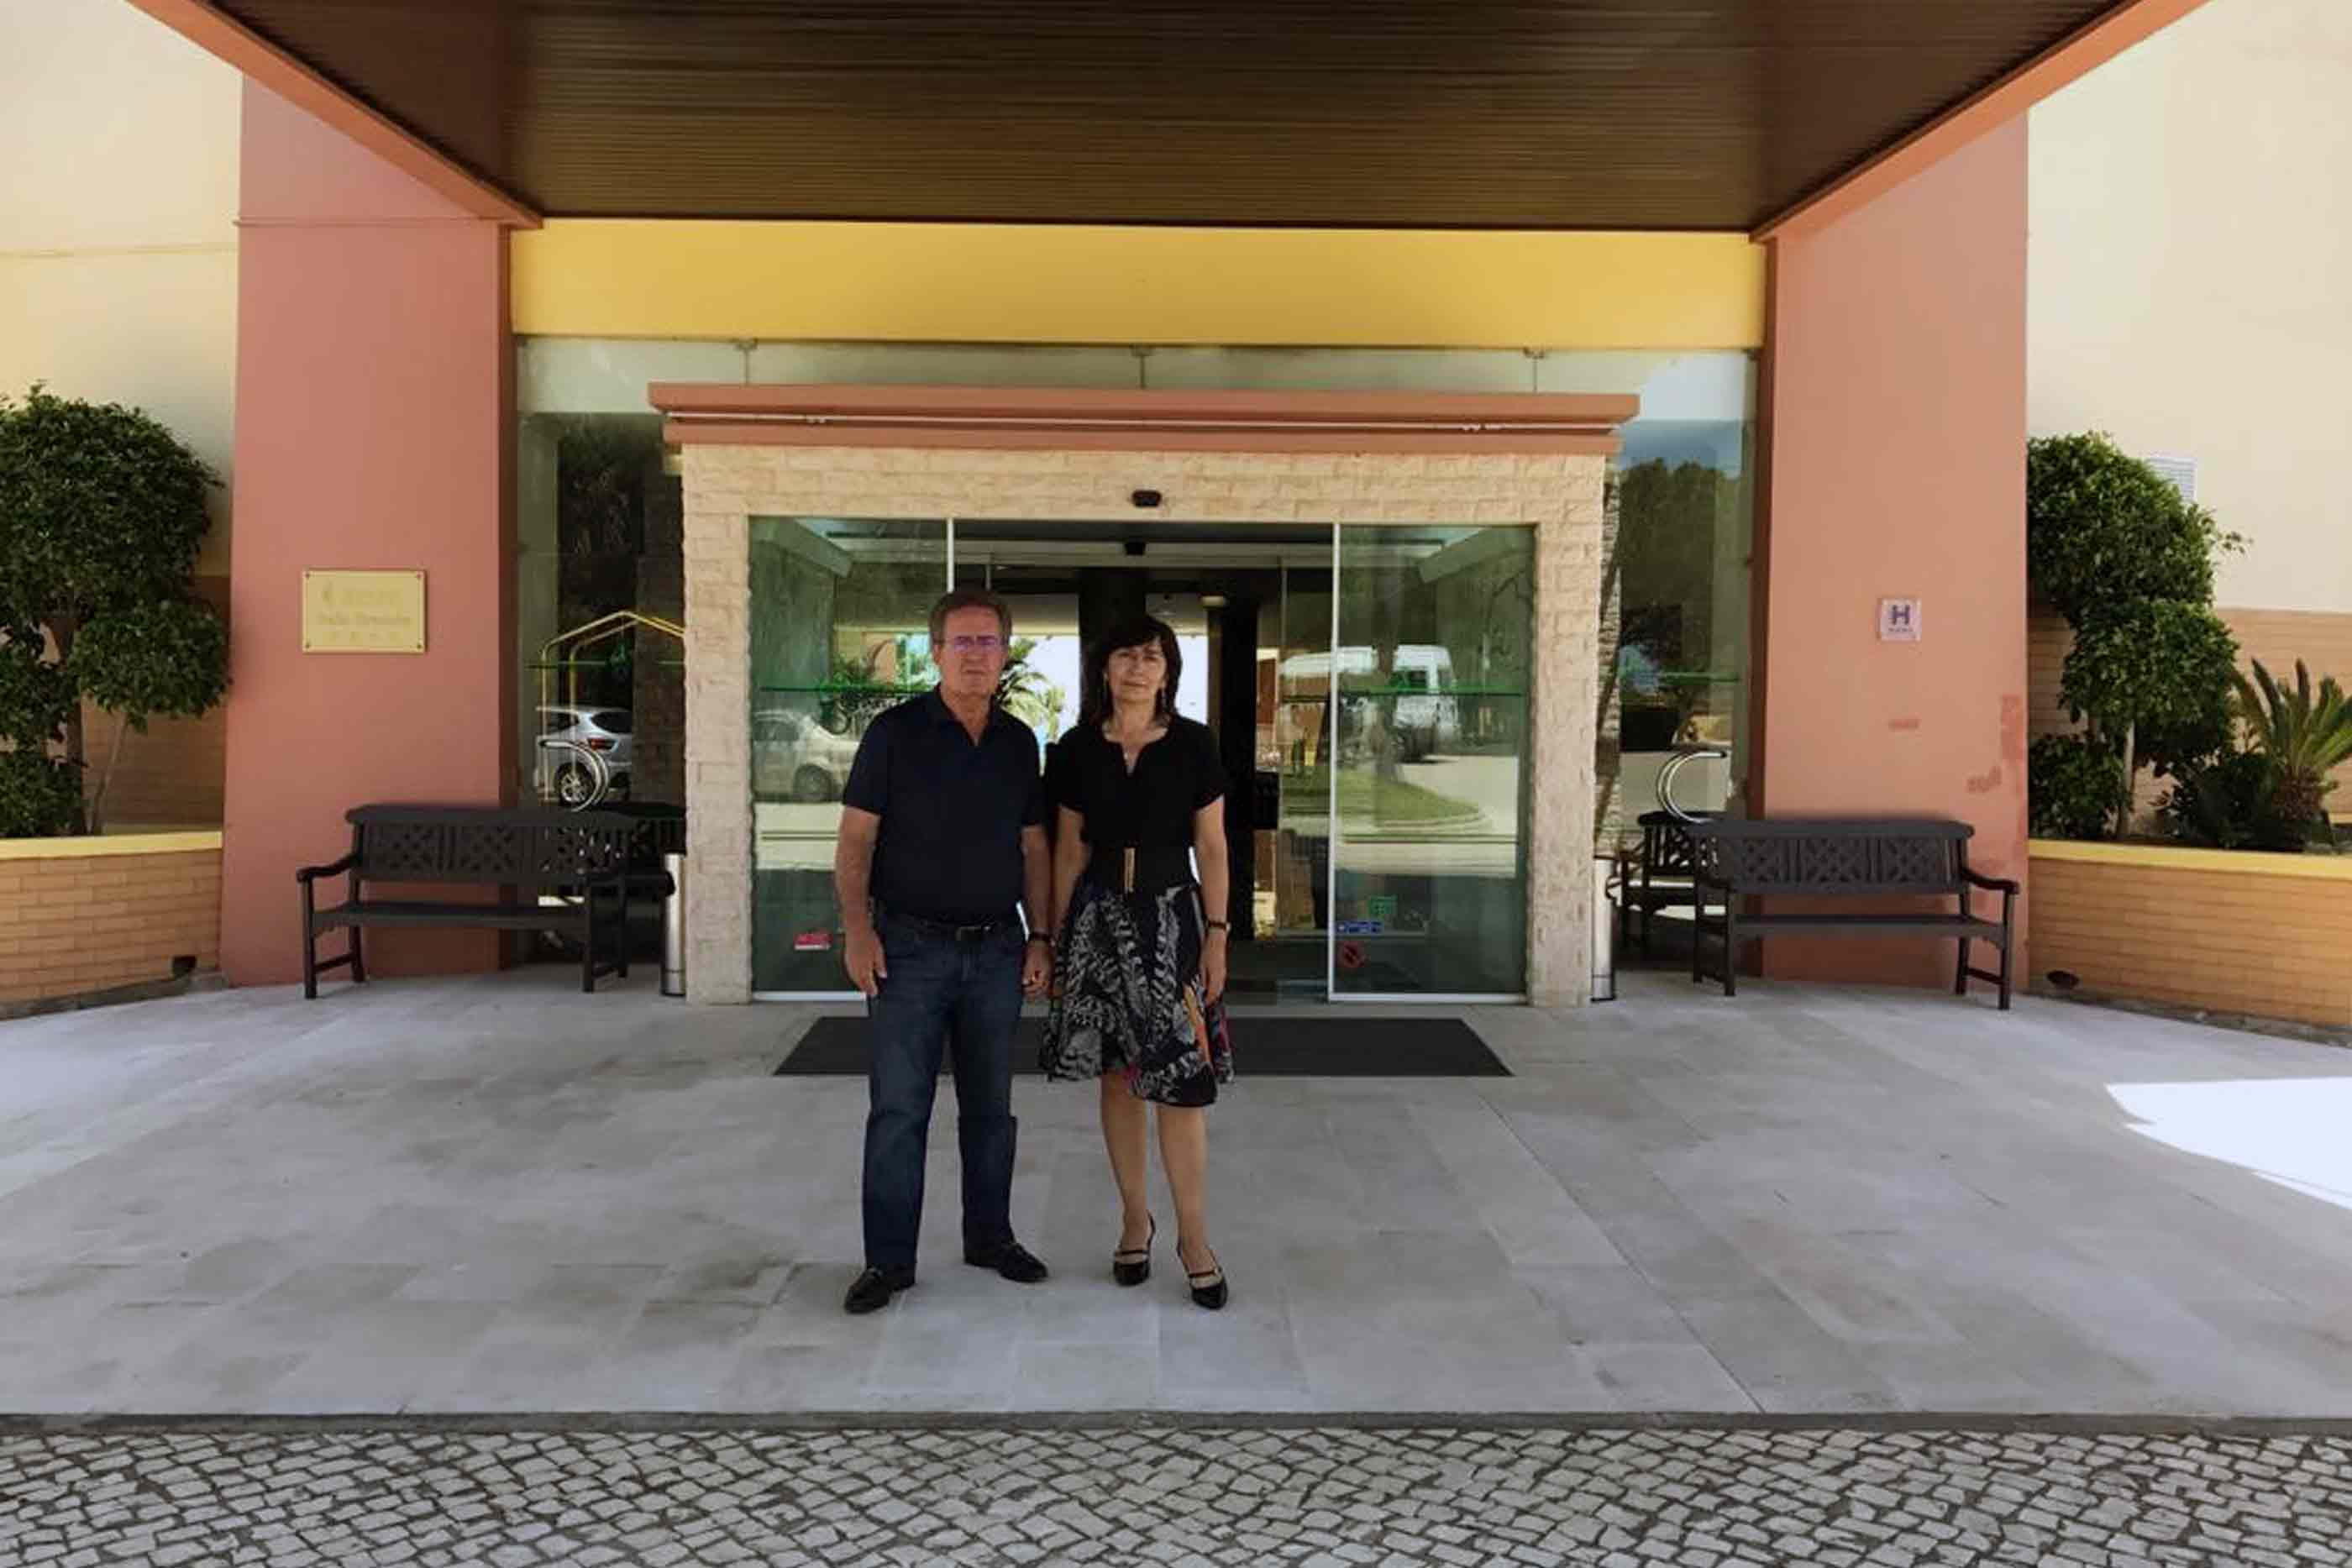 Proprietários do grupo hoteleiro, Fernanda e José Emídio, frente à entrada do Hotel Baía Grande, em Albufeira.